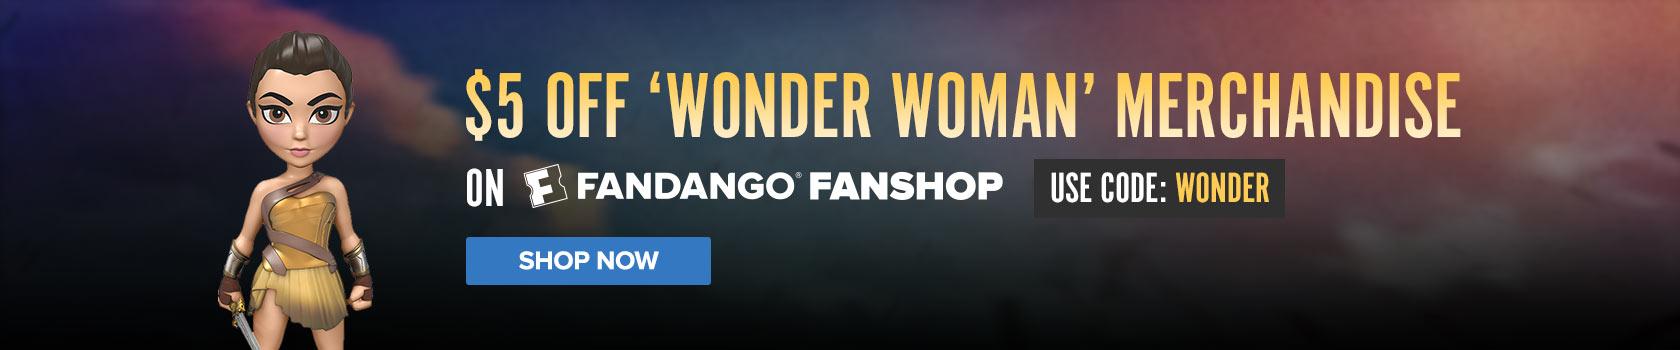 Fandango - FanShop $5 Off Wonder Woman Gear